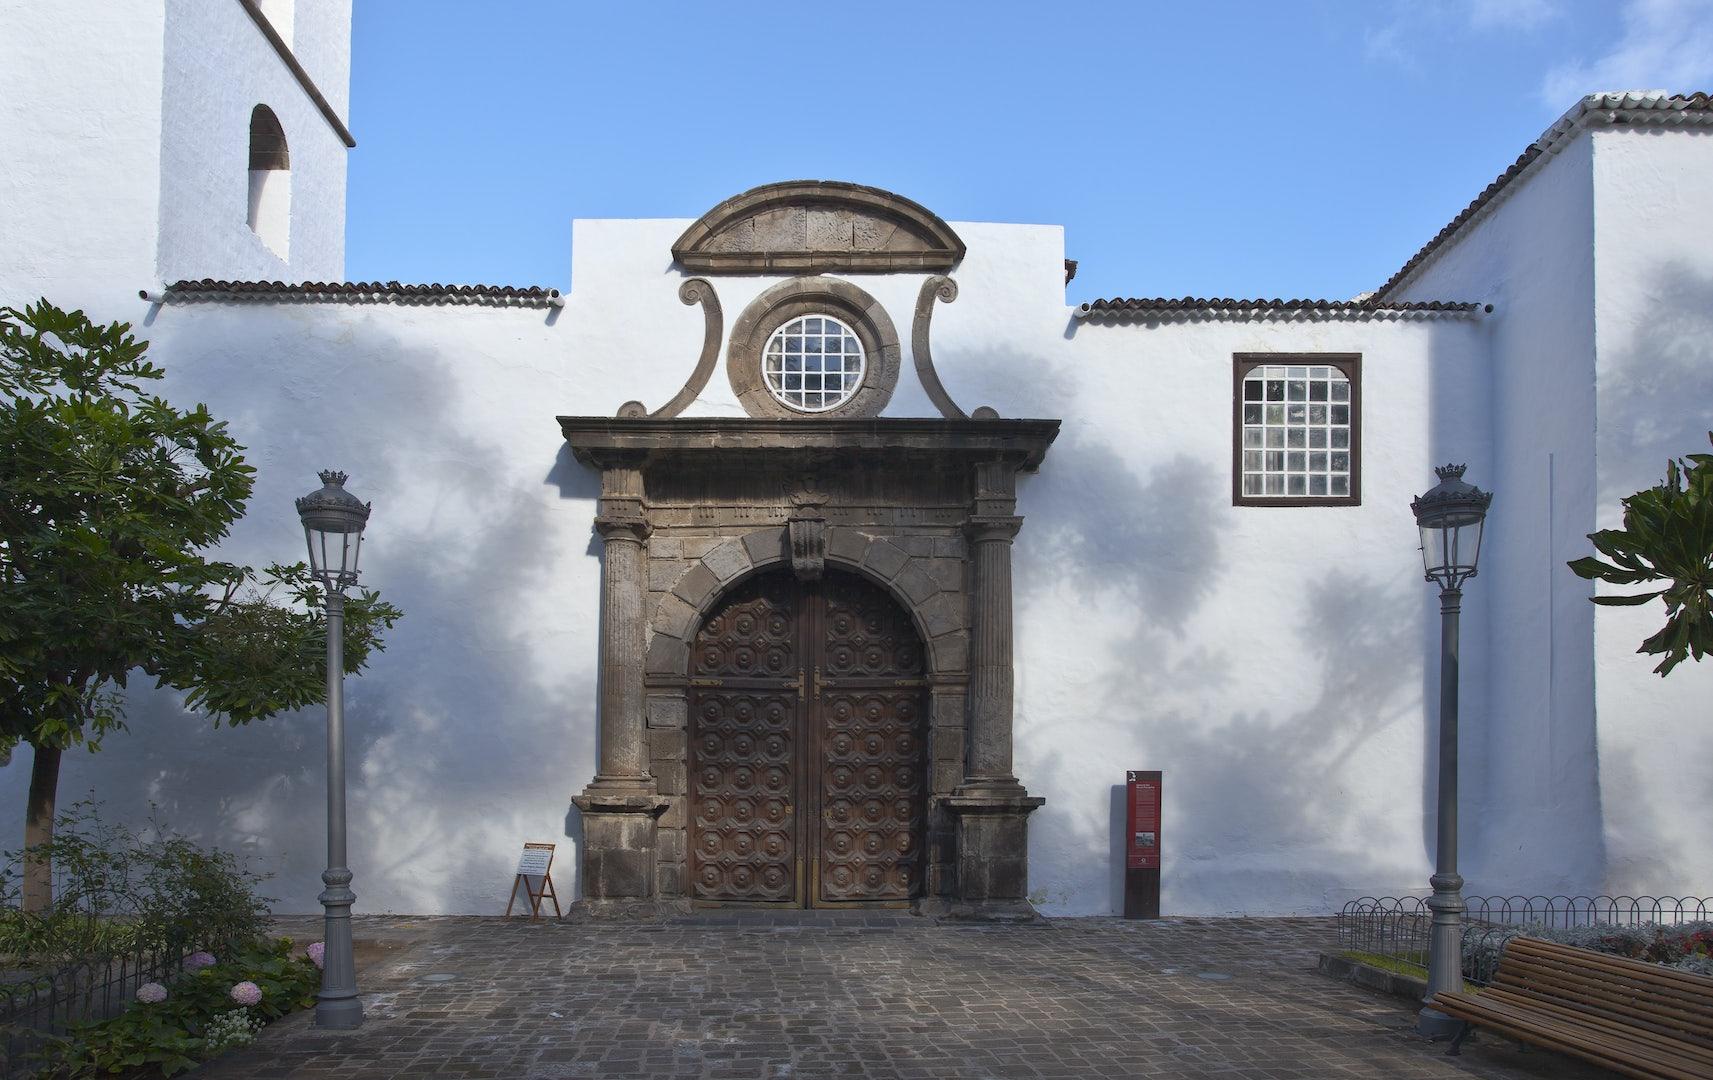 Plaza San Marcos in Icod de los Vinos